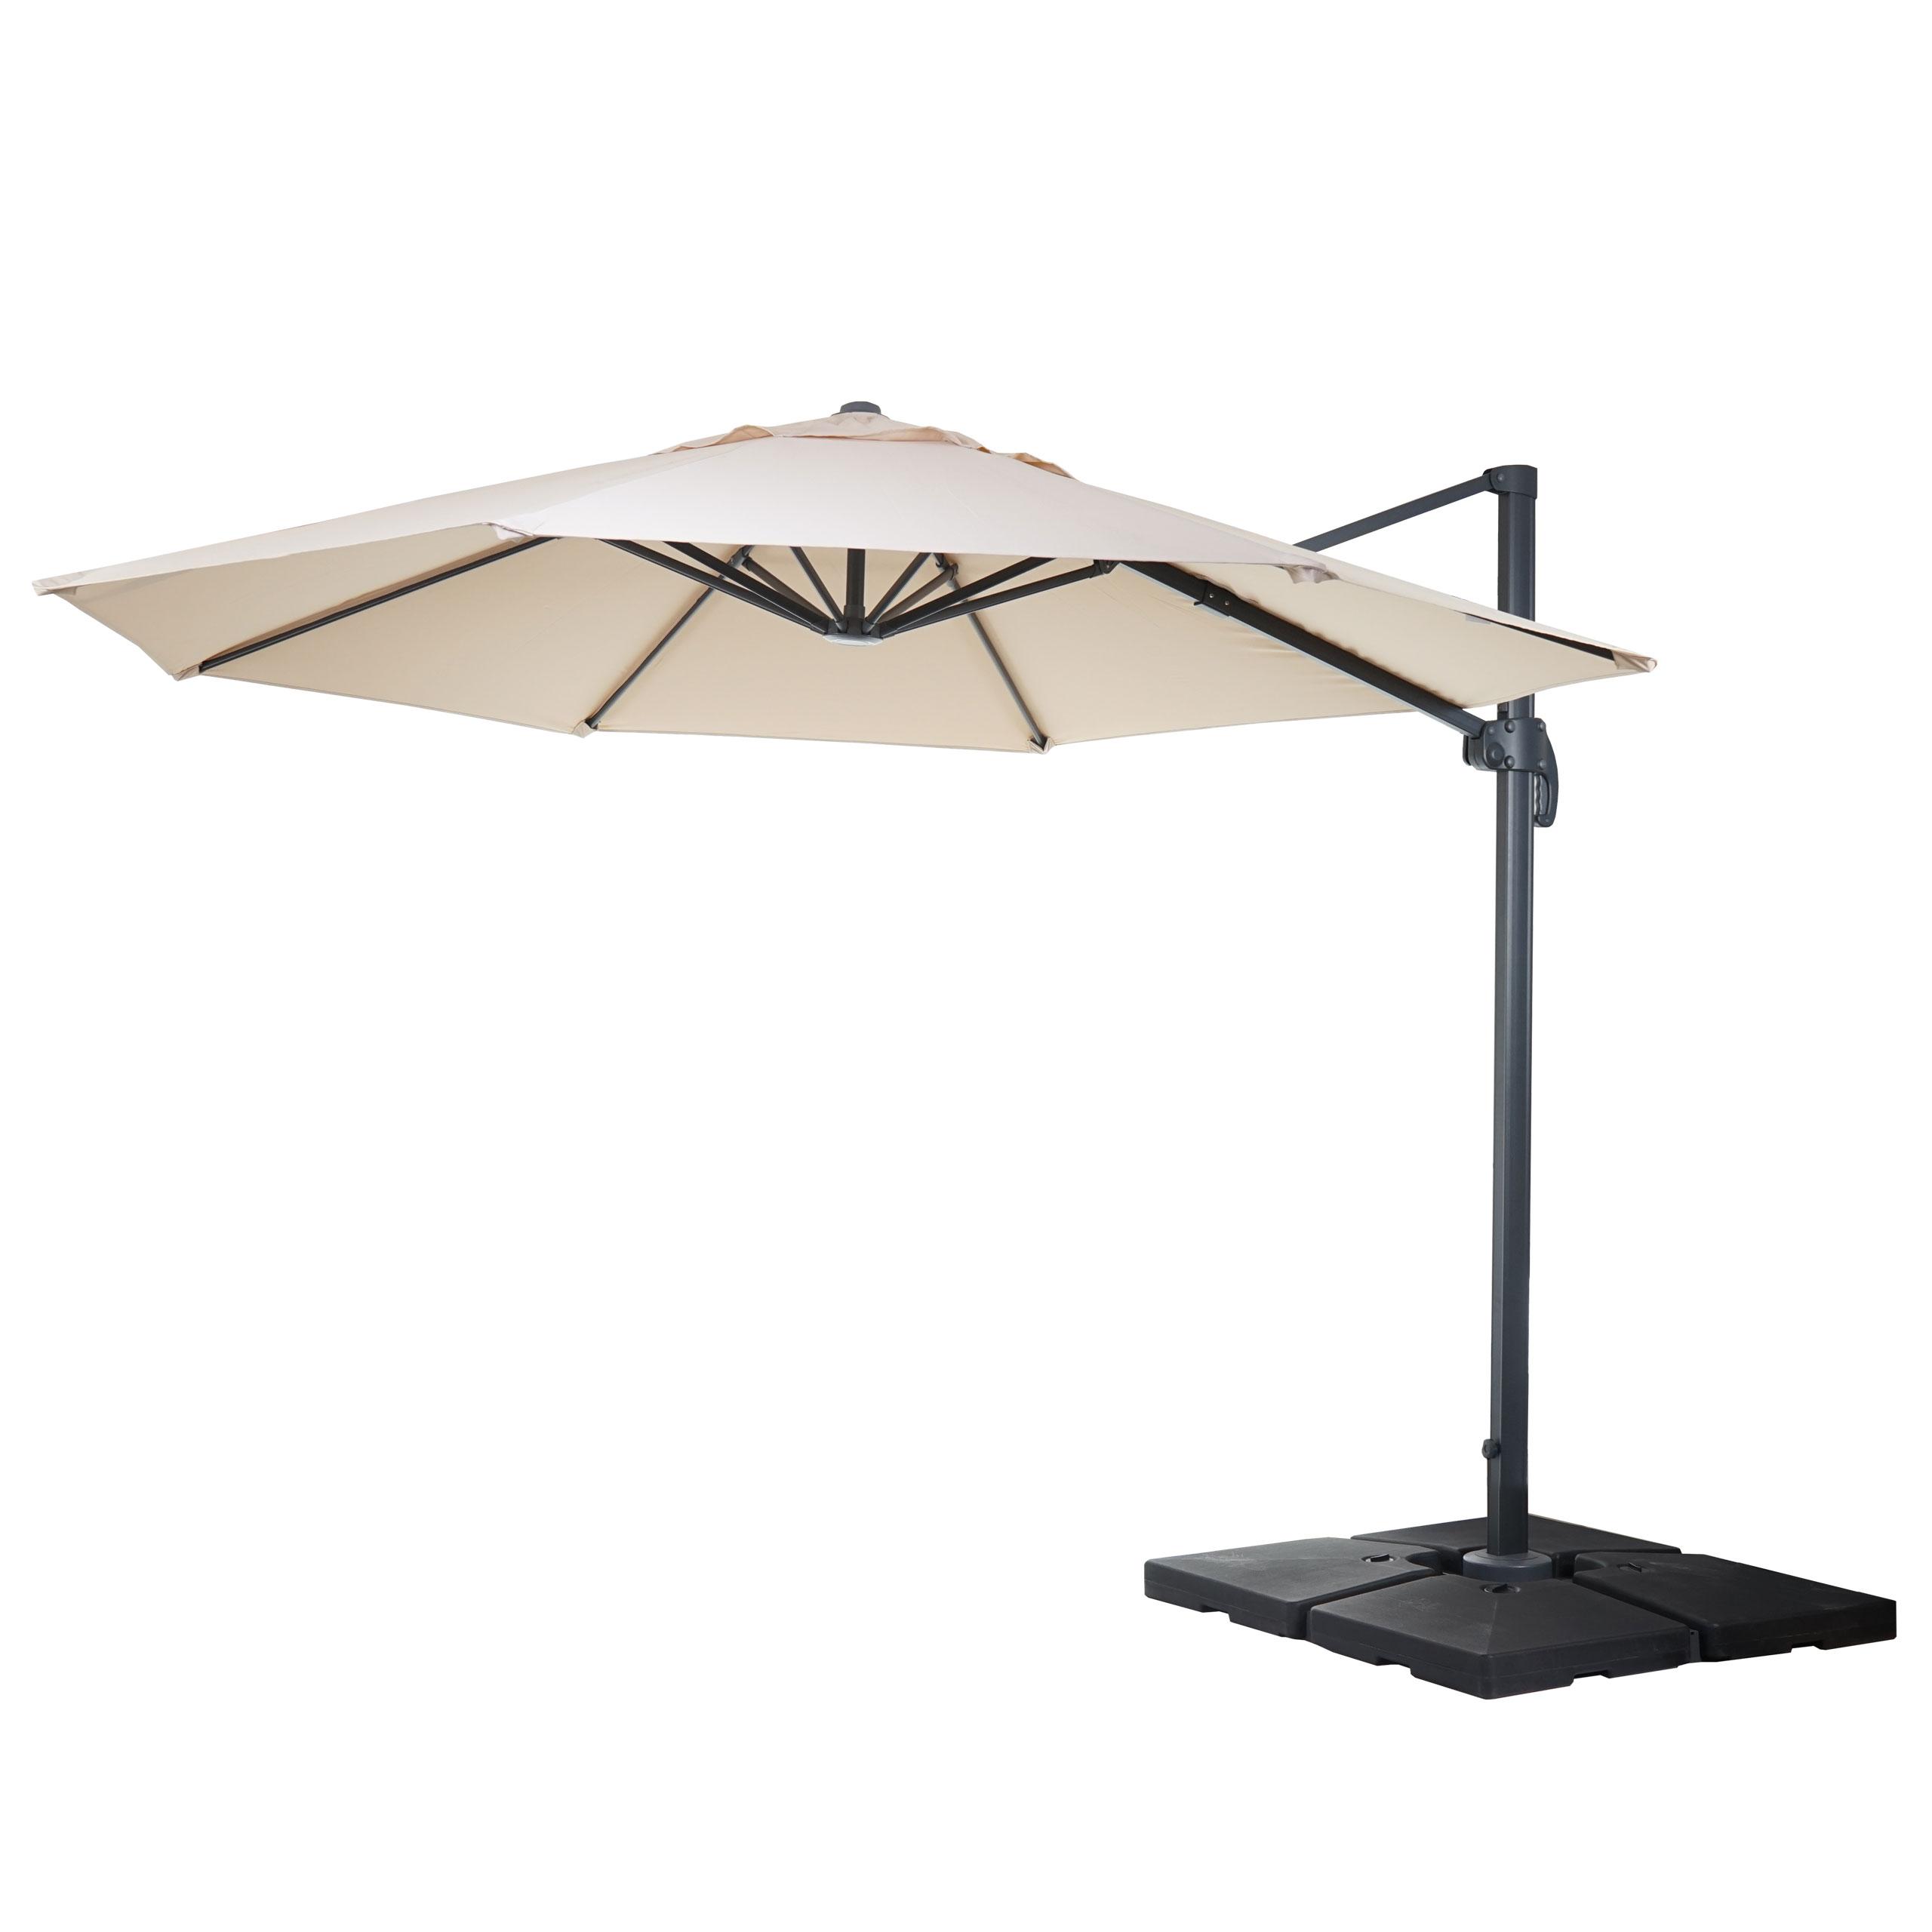 gastronomie luxus ampelschirm sonnenschirm catania 3 5m creme mit st nder drehbar. Black Bedroom Furniture Sets. Home Design Ideas